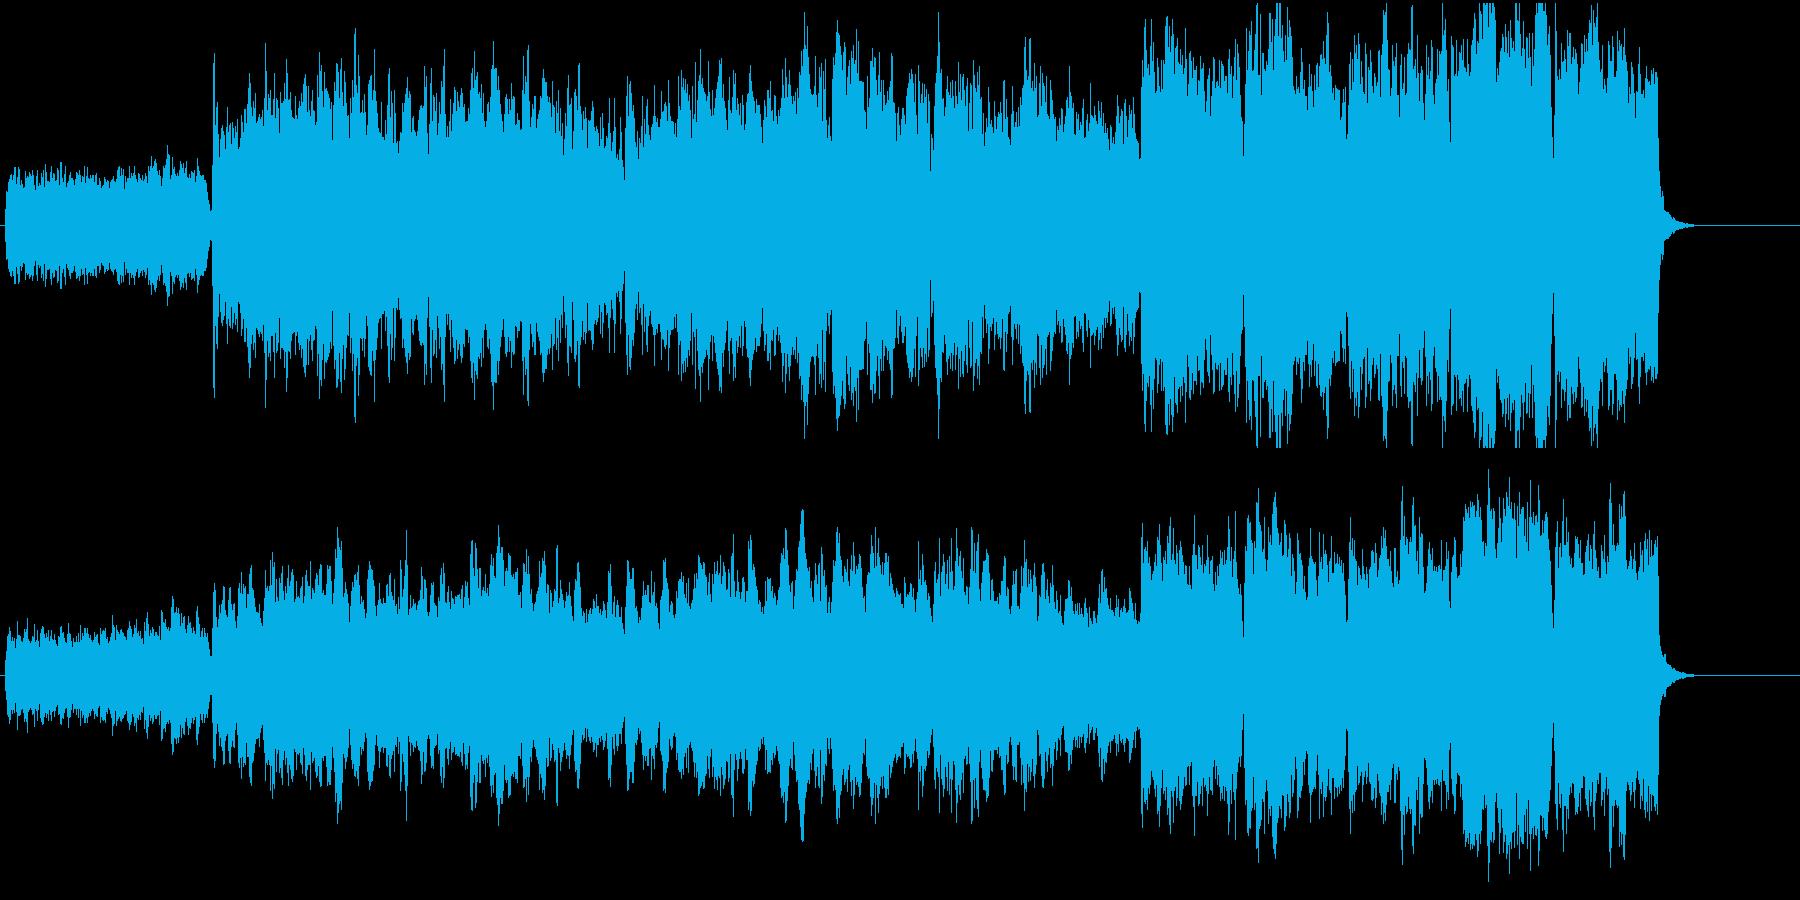 ブライダル 幸福 恋愛 感動 目覚めの再生済みの波形